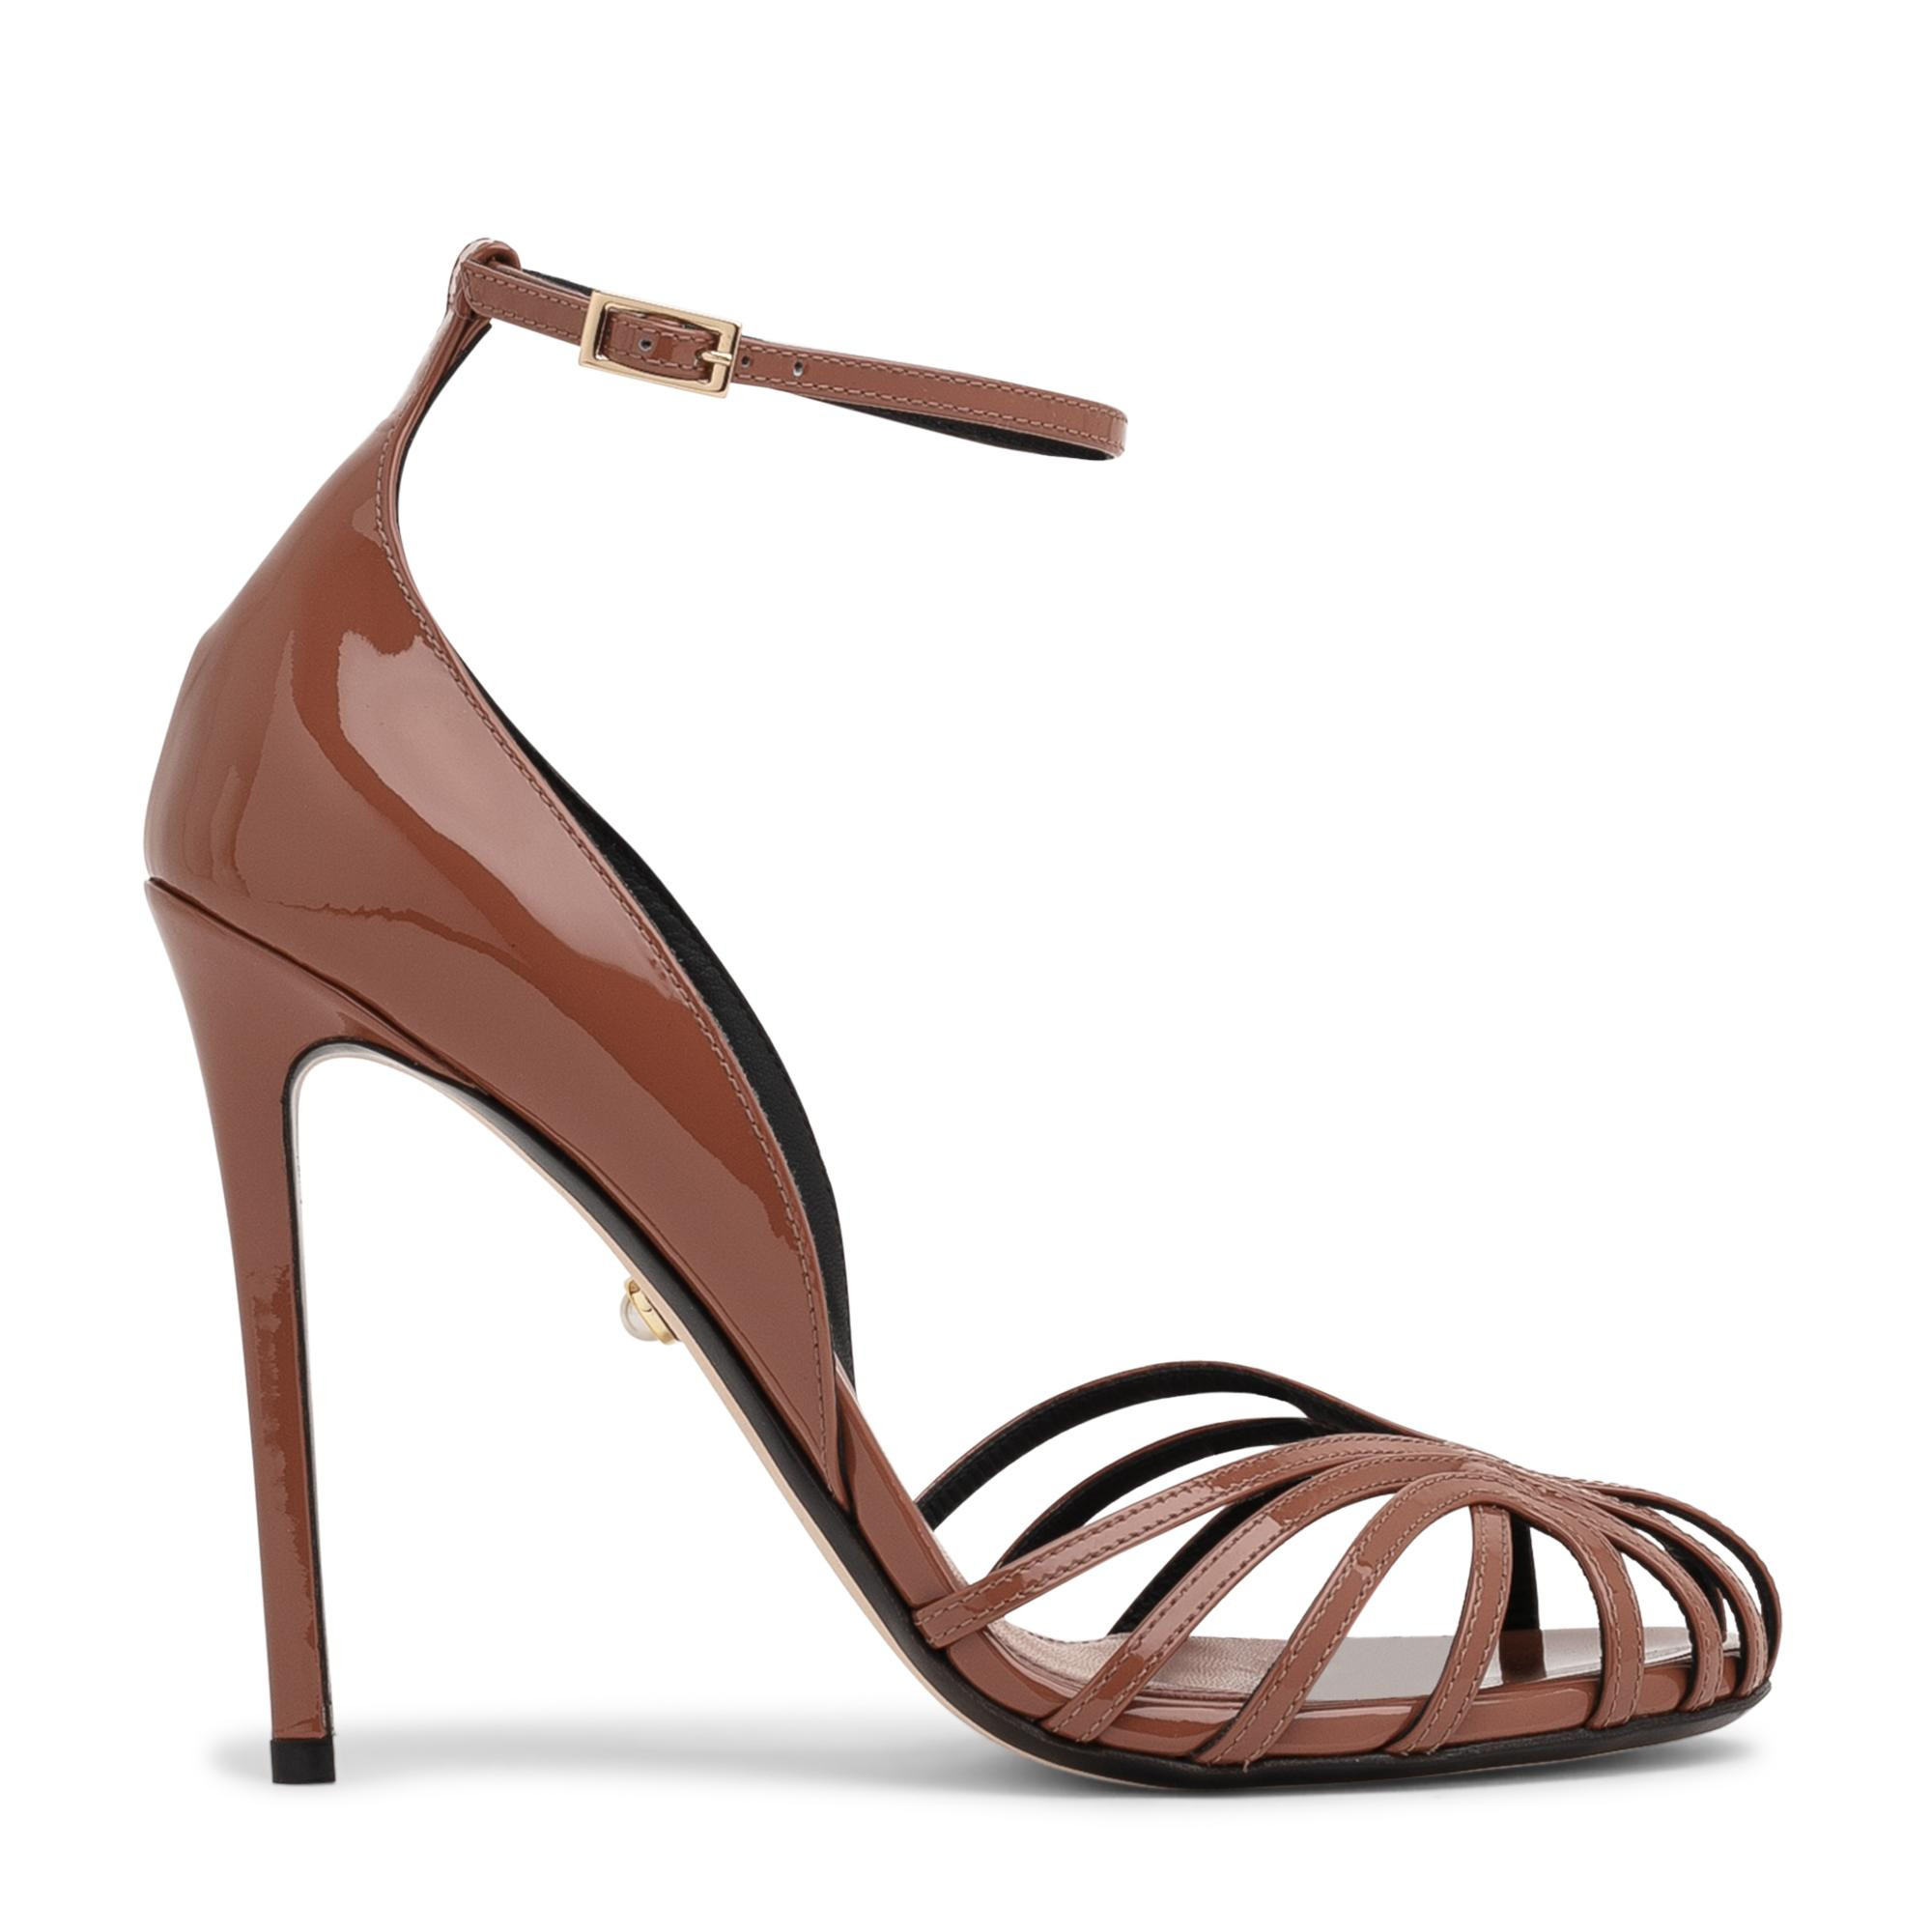 Elsa sandals